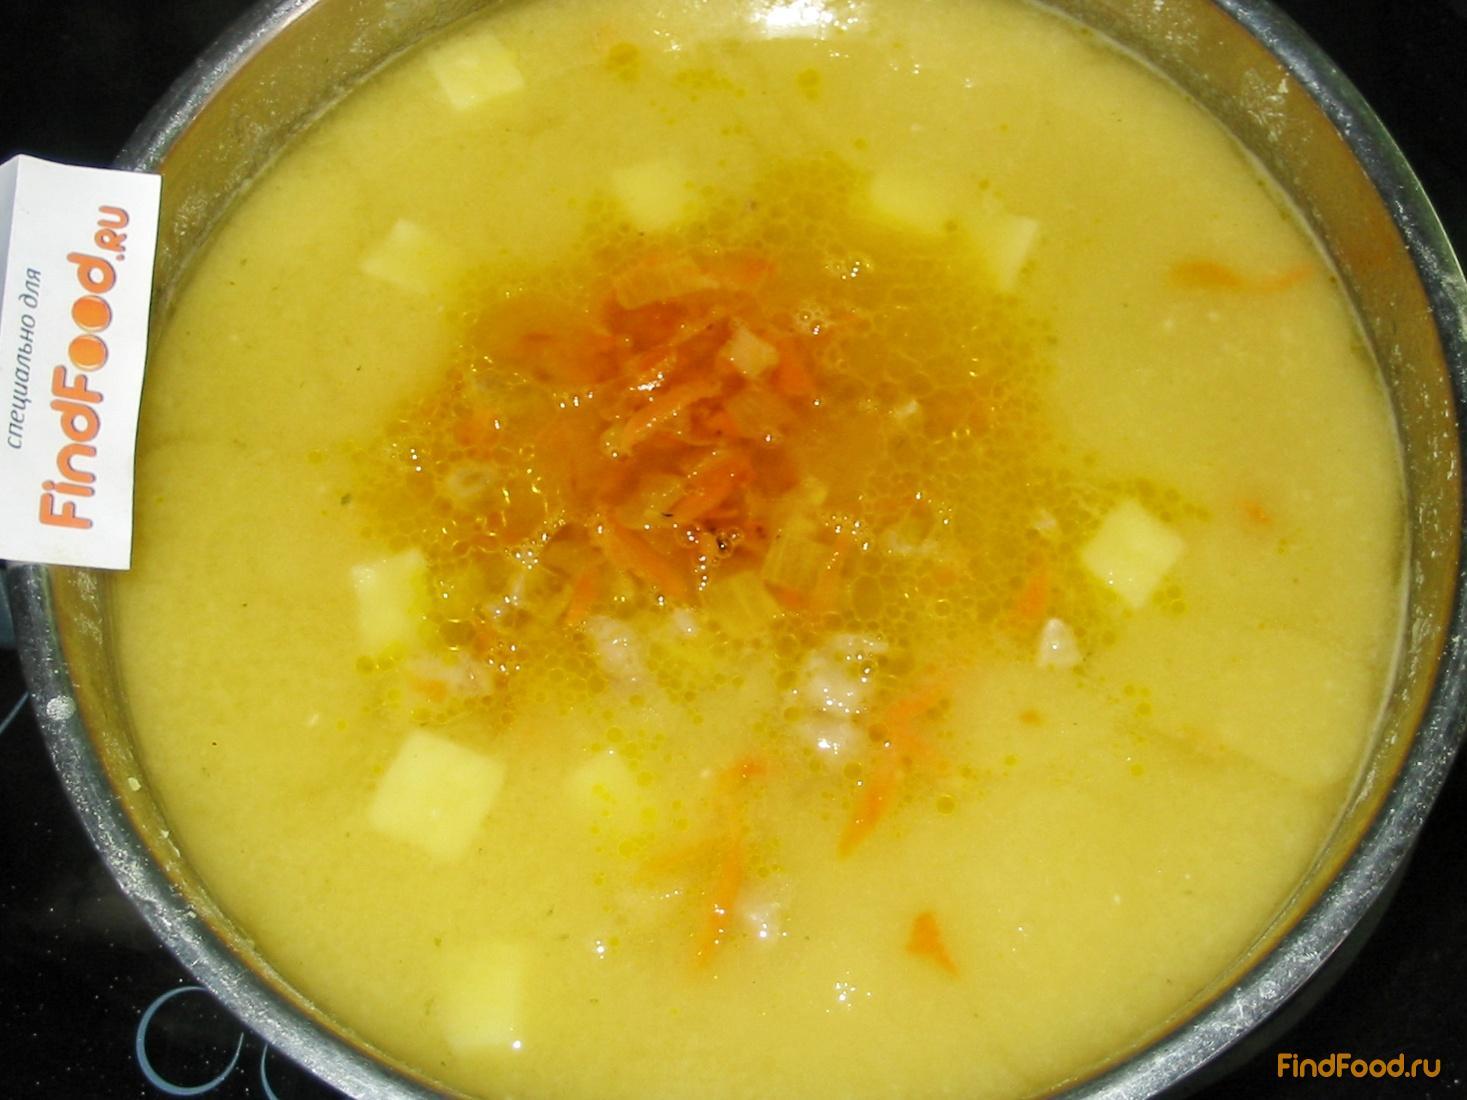 Суп с капустой рецепт пошагово 99